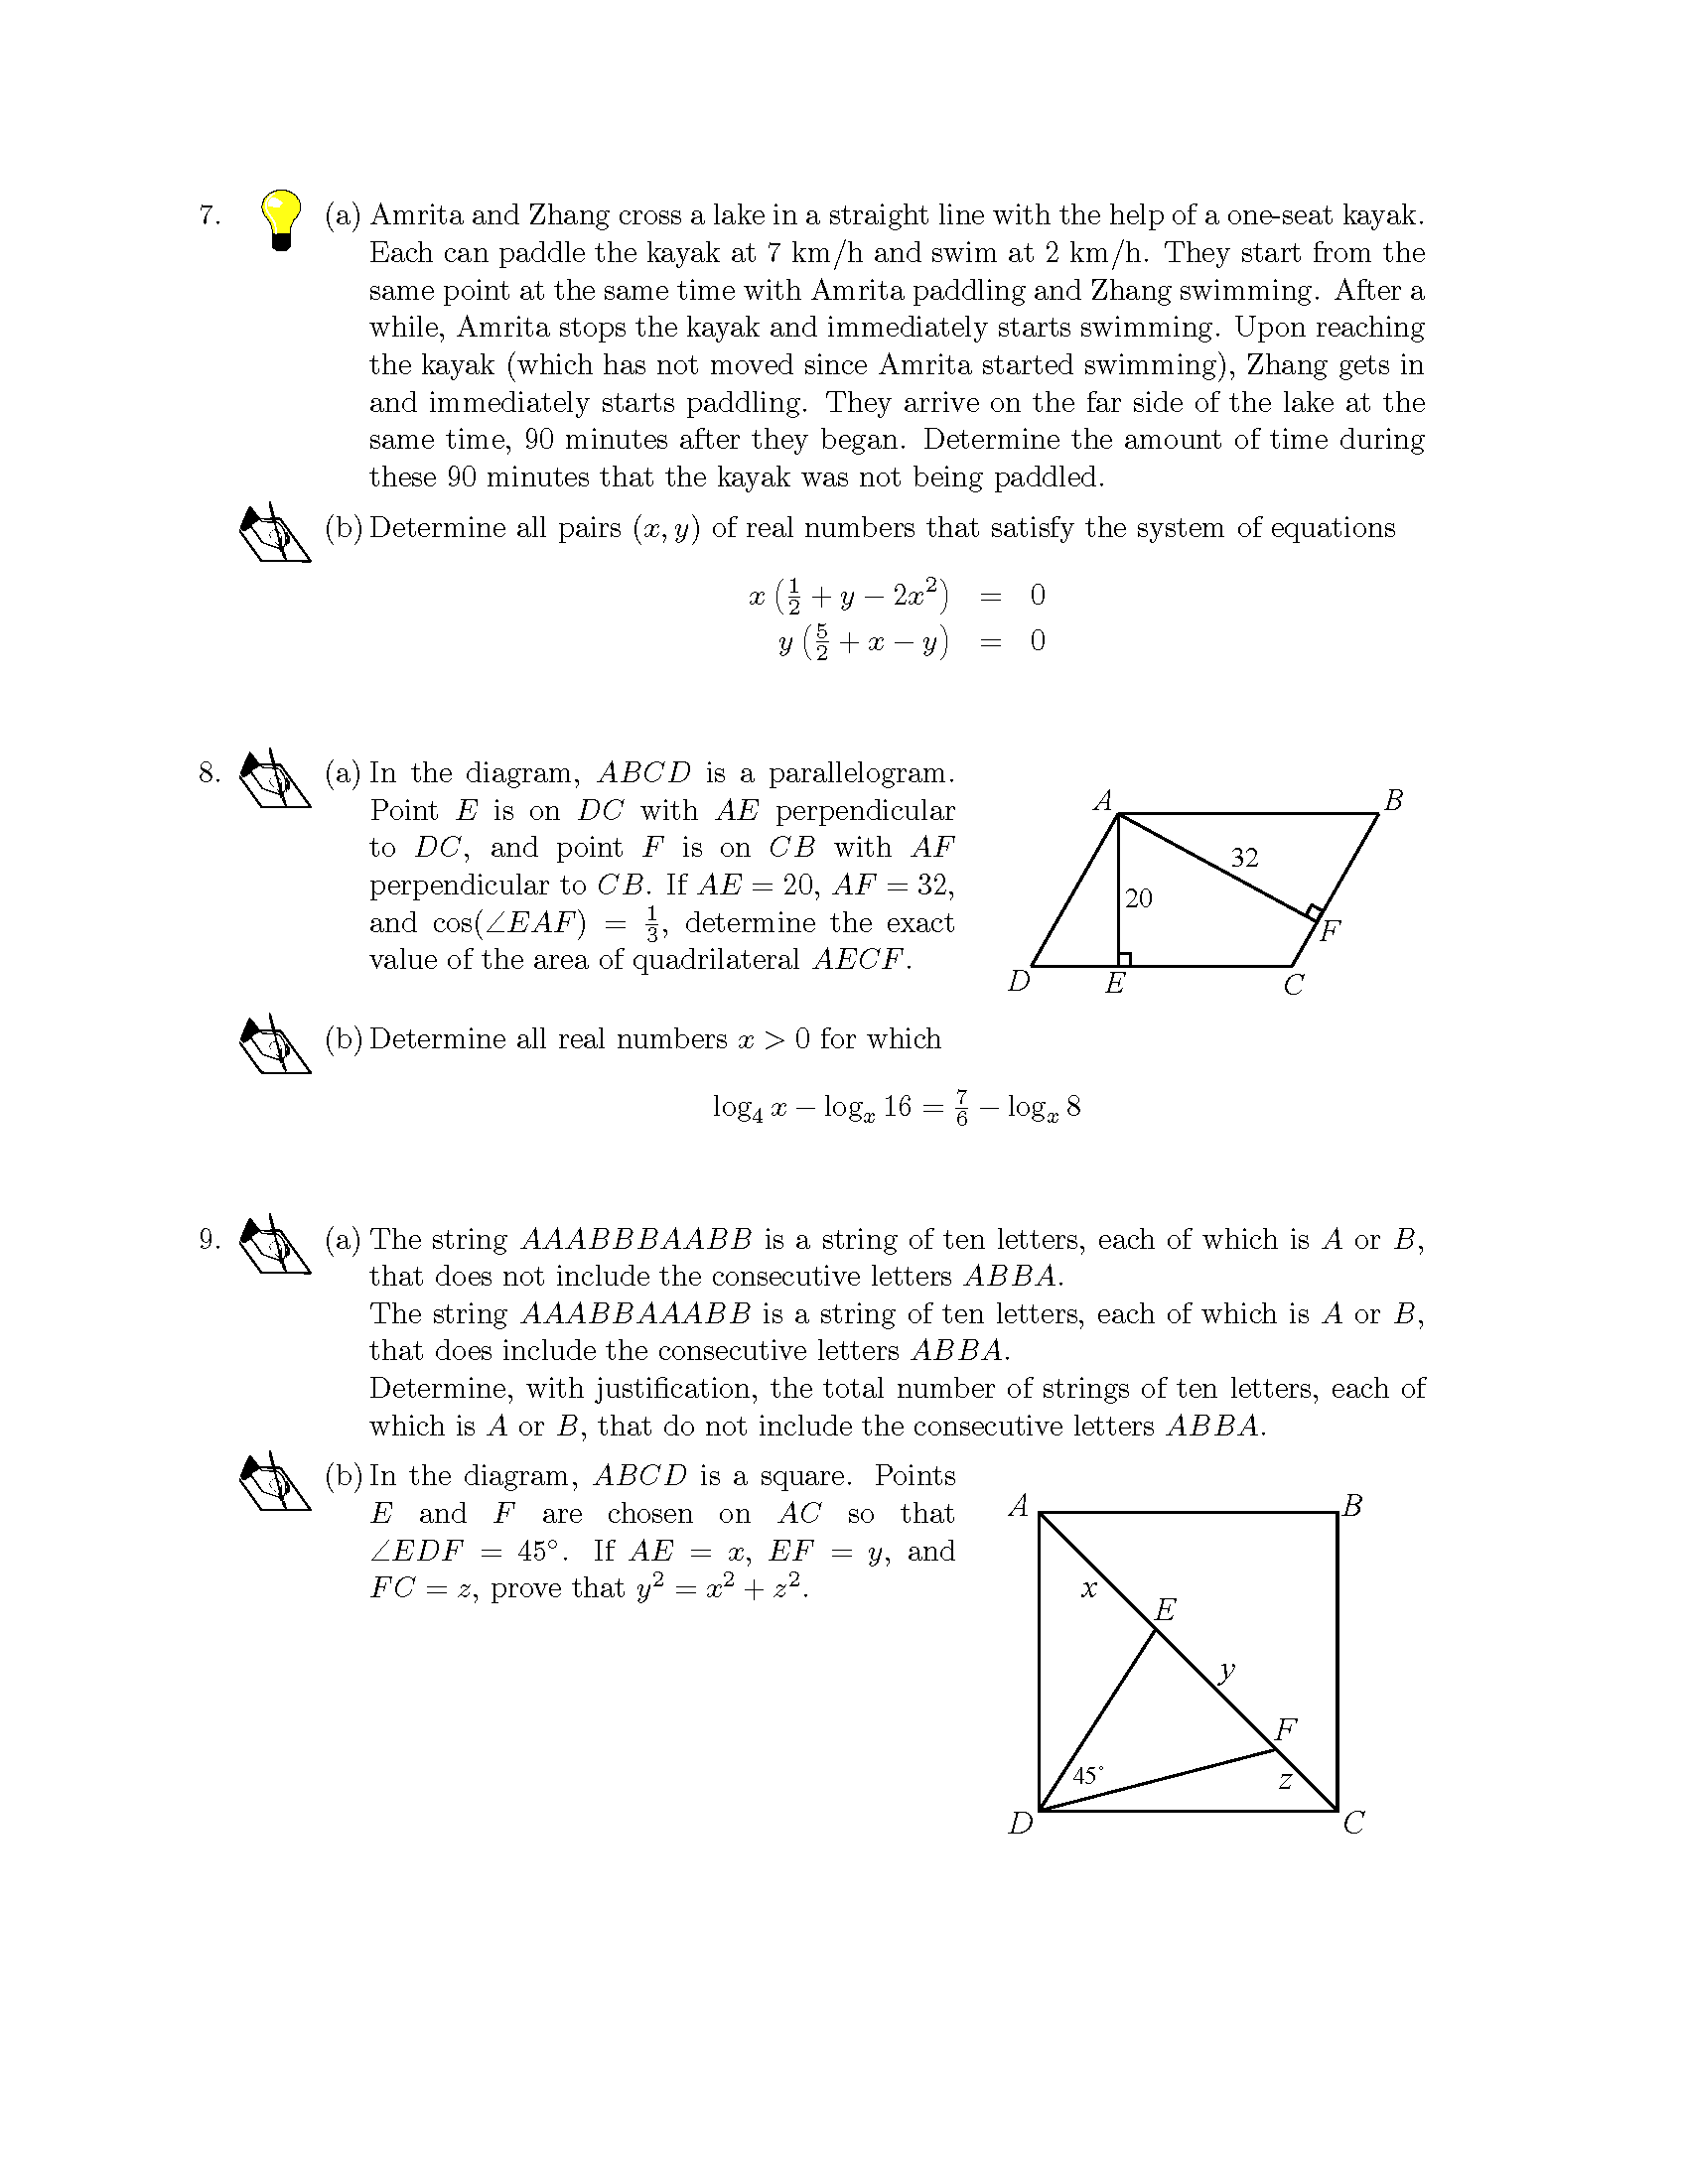 加拿大数学竞赛CMC-Euclid欧几里德数学竞赛2016年真题